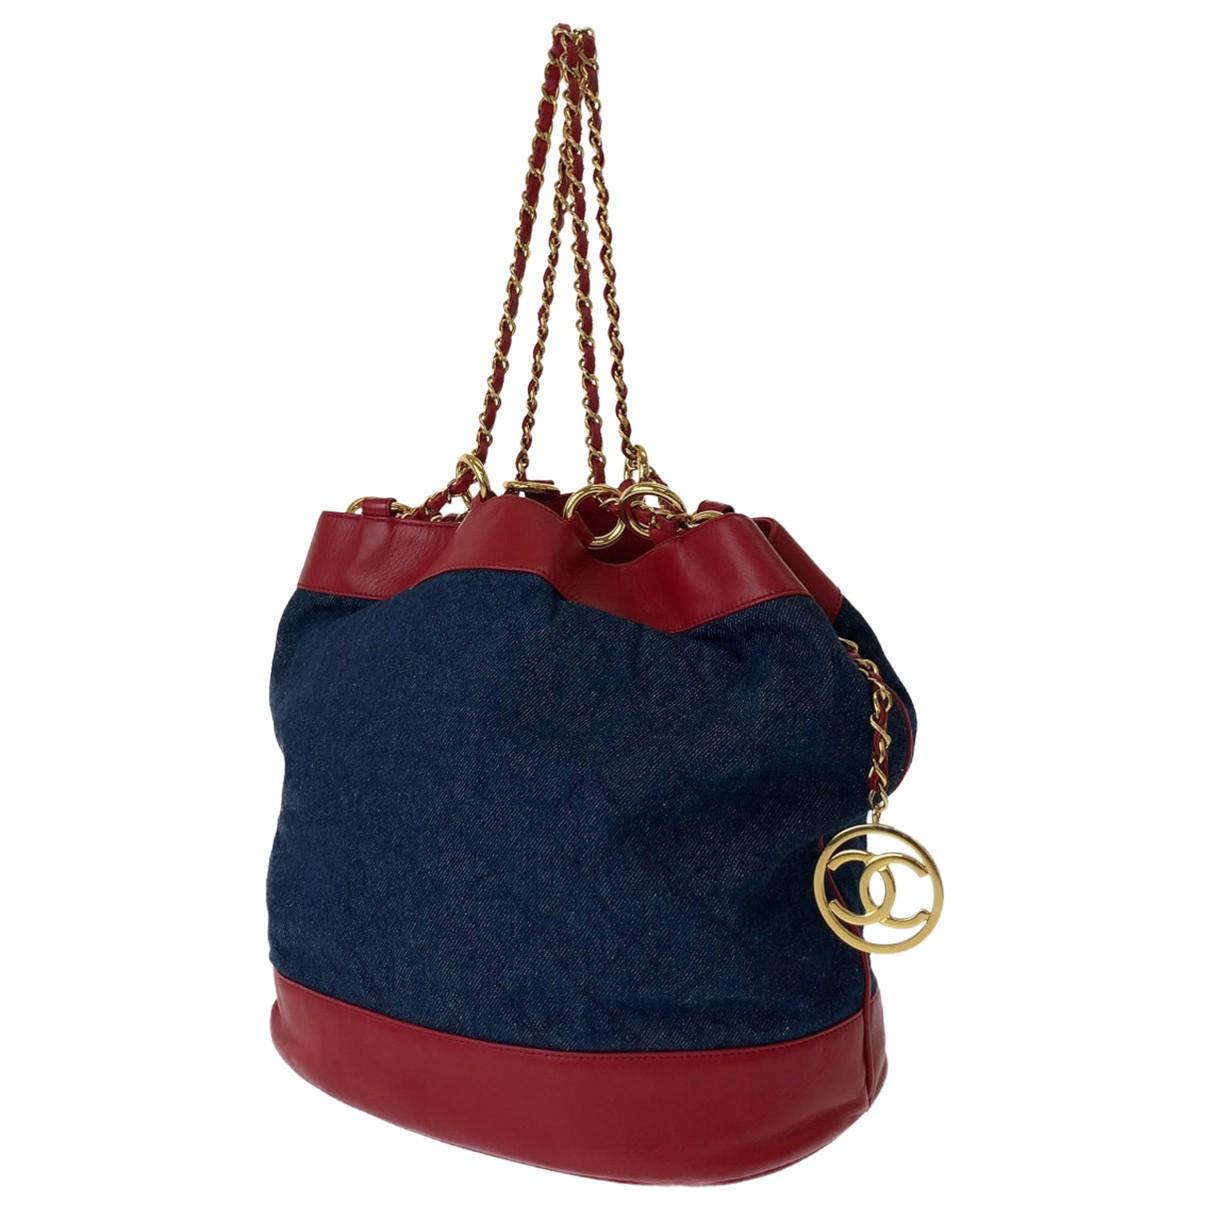 Chanel \N Handtasche in Denim - Jeans